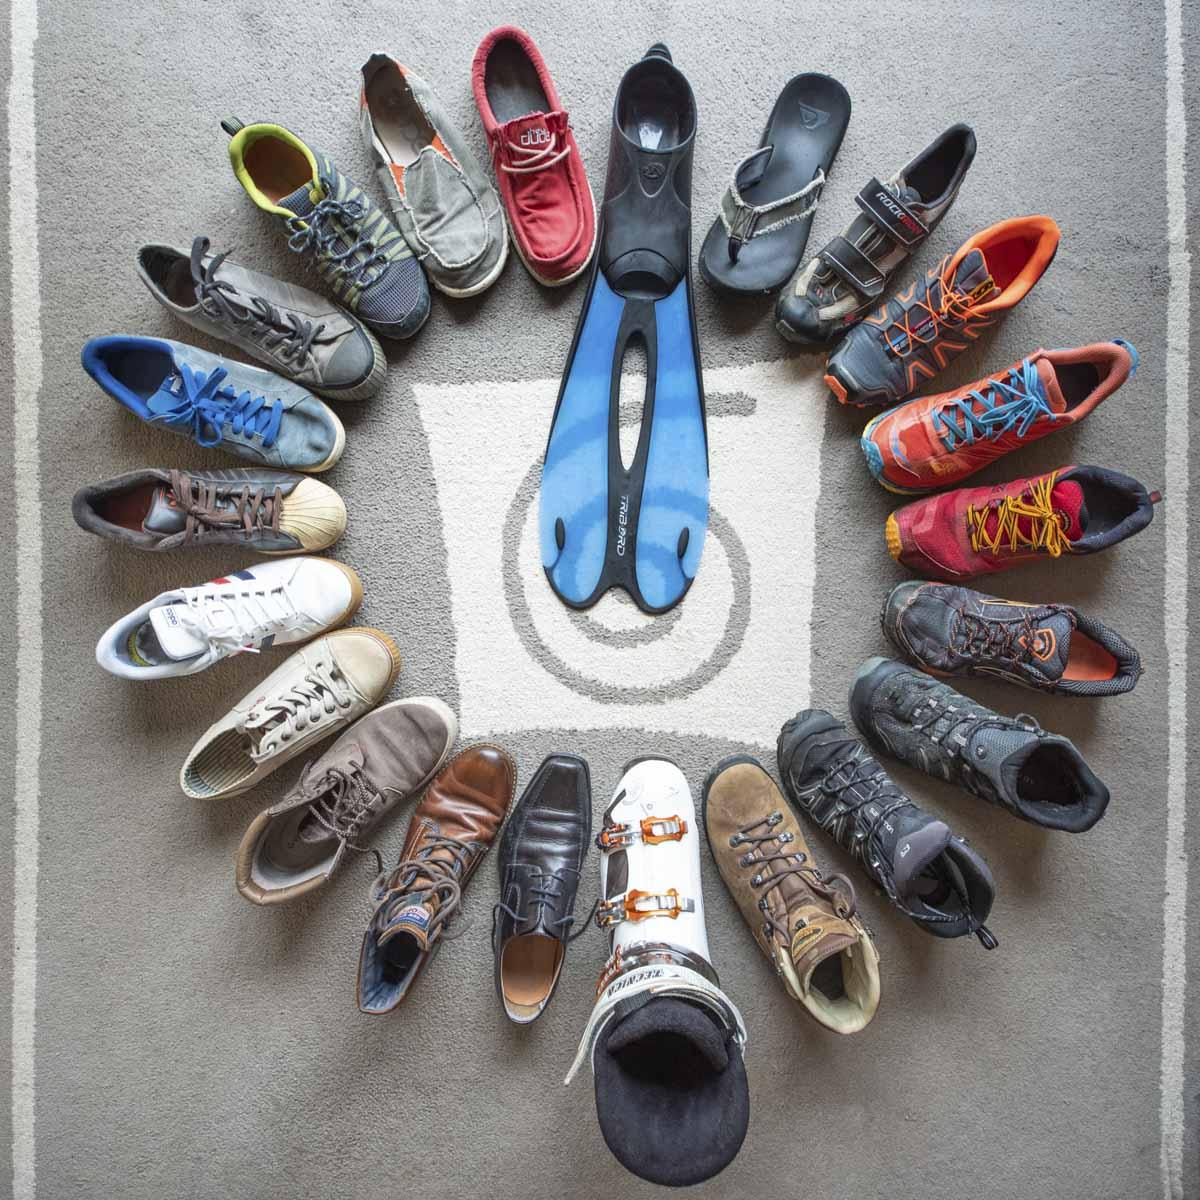 Sébastien Barthel, Atelier Focale 16, Mes souliers, Janvier 2021